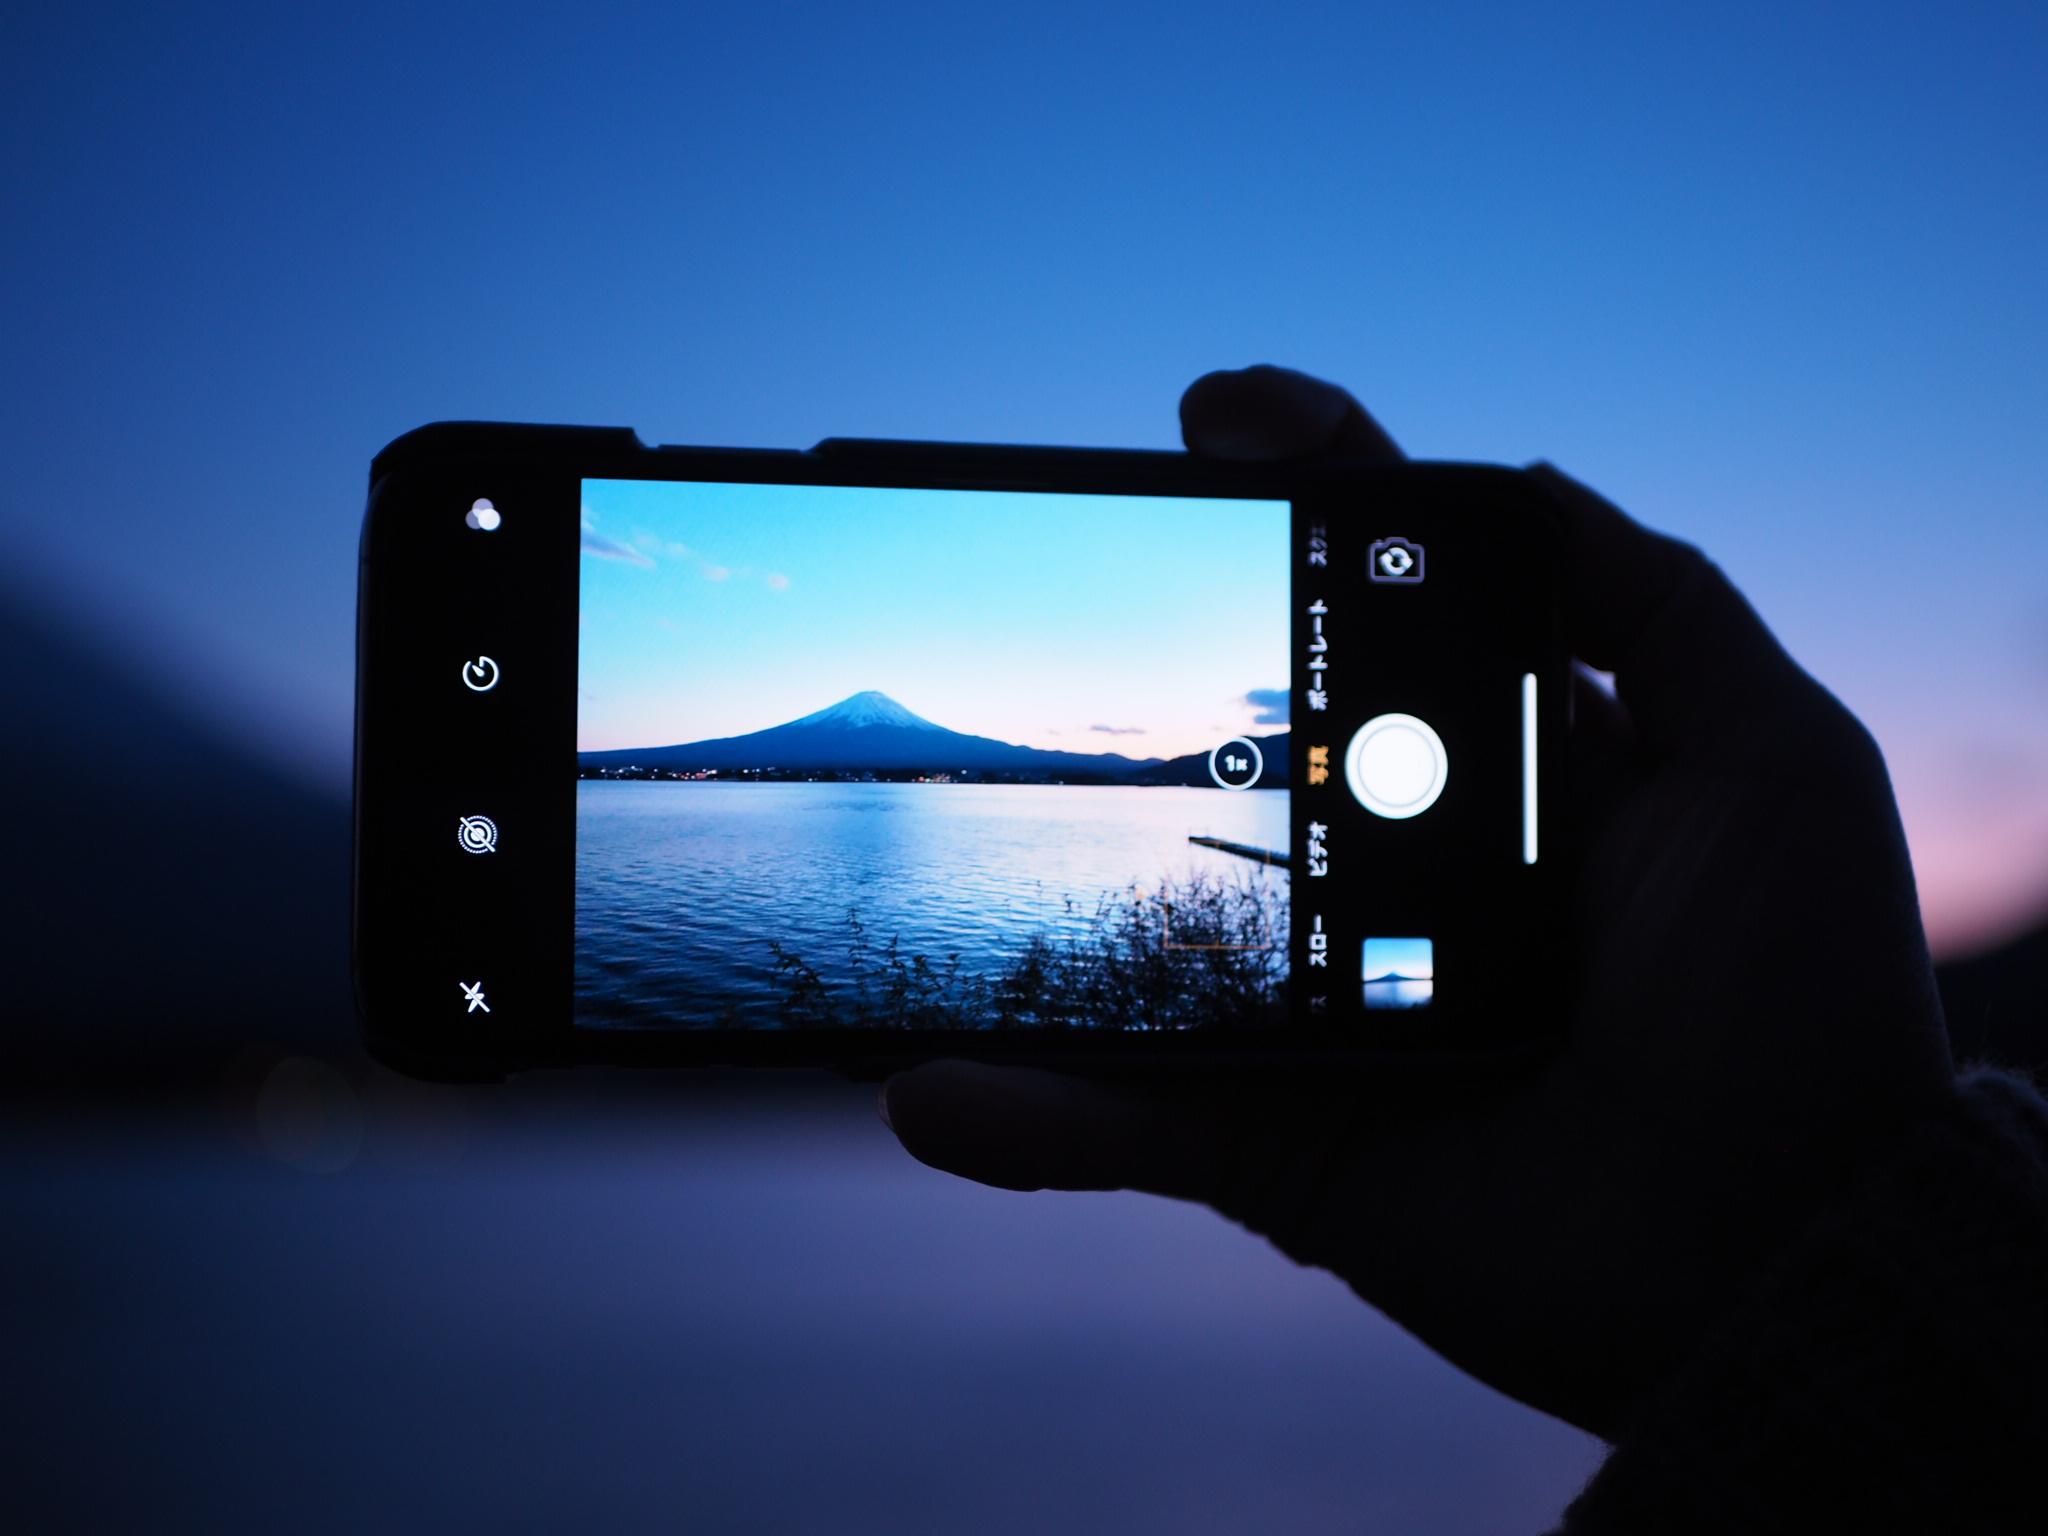 【#河口湖合宿】富士山の目の前のペンションでわいわい一泊旅♩〜宿編〜_8